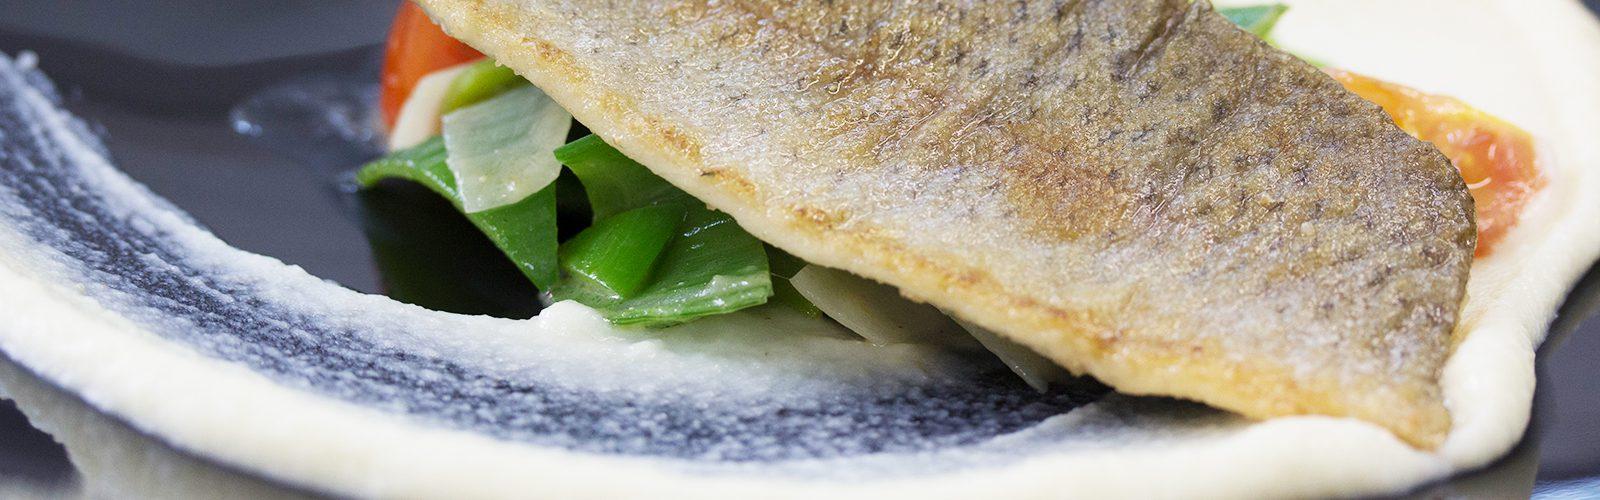 Kohler`s Kulinarik Haag Marktredwitz Restaurant, Pension, Patisserie,Hochzeitstorten, Catering, Partyservice, Kohler, Home Cooking